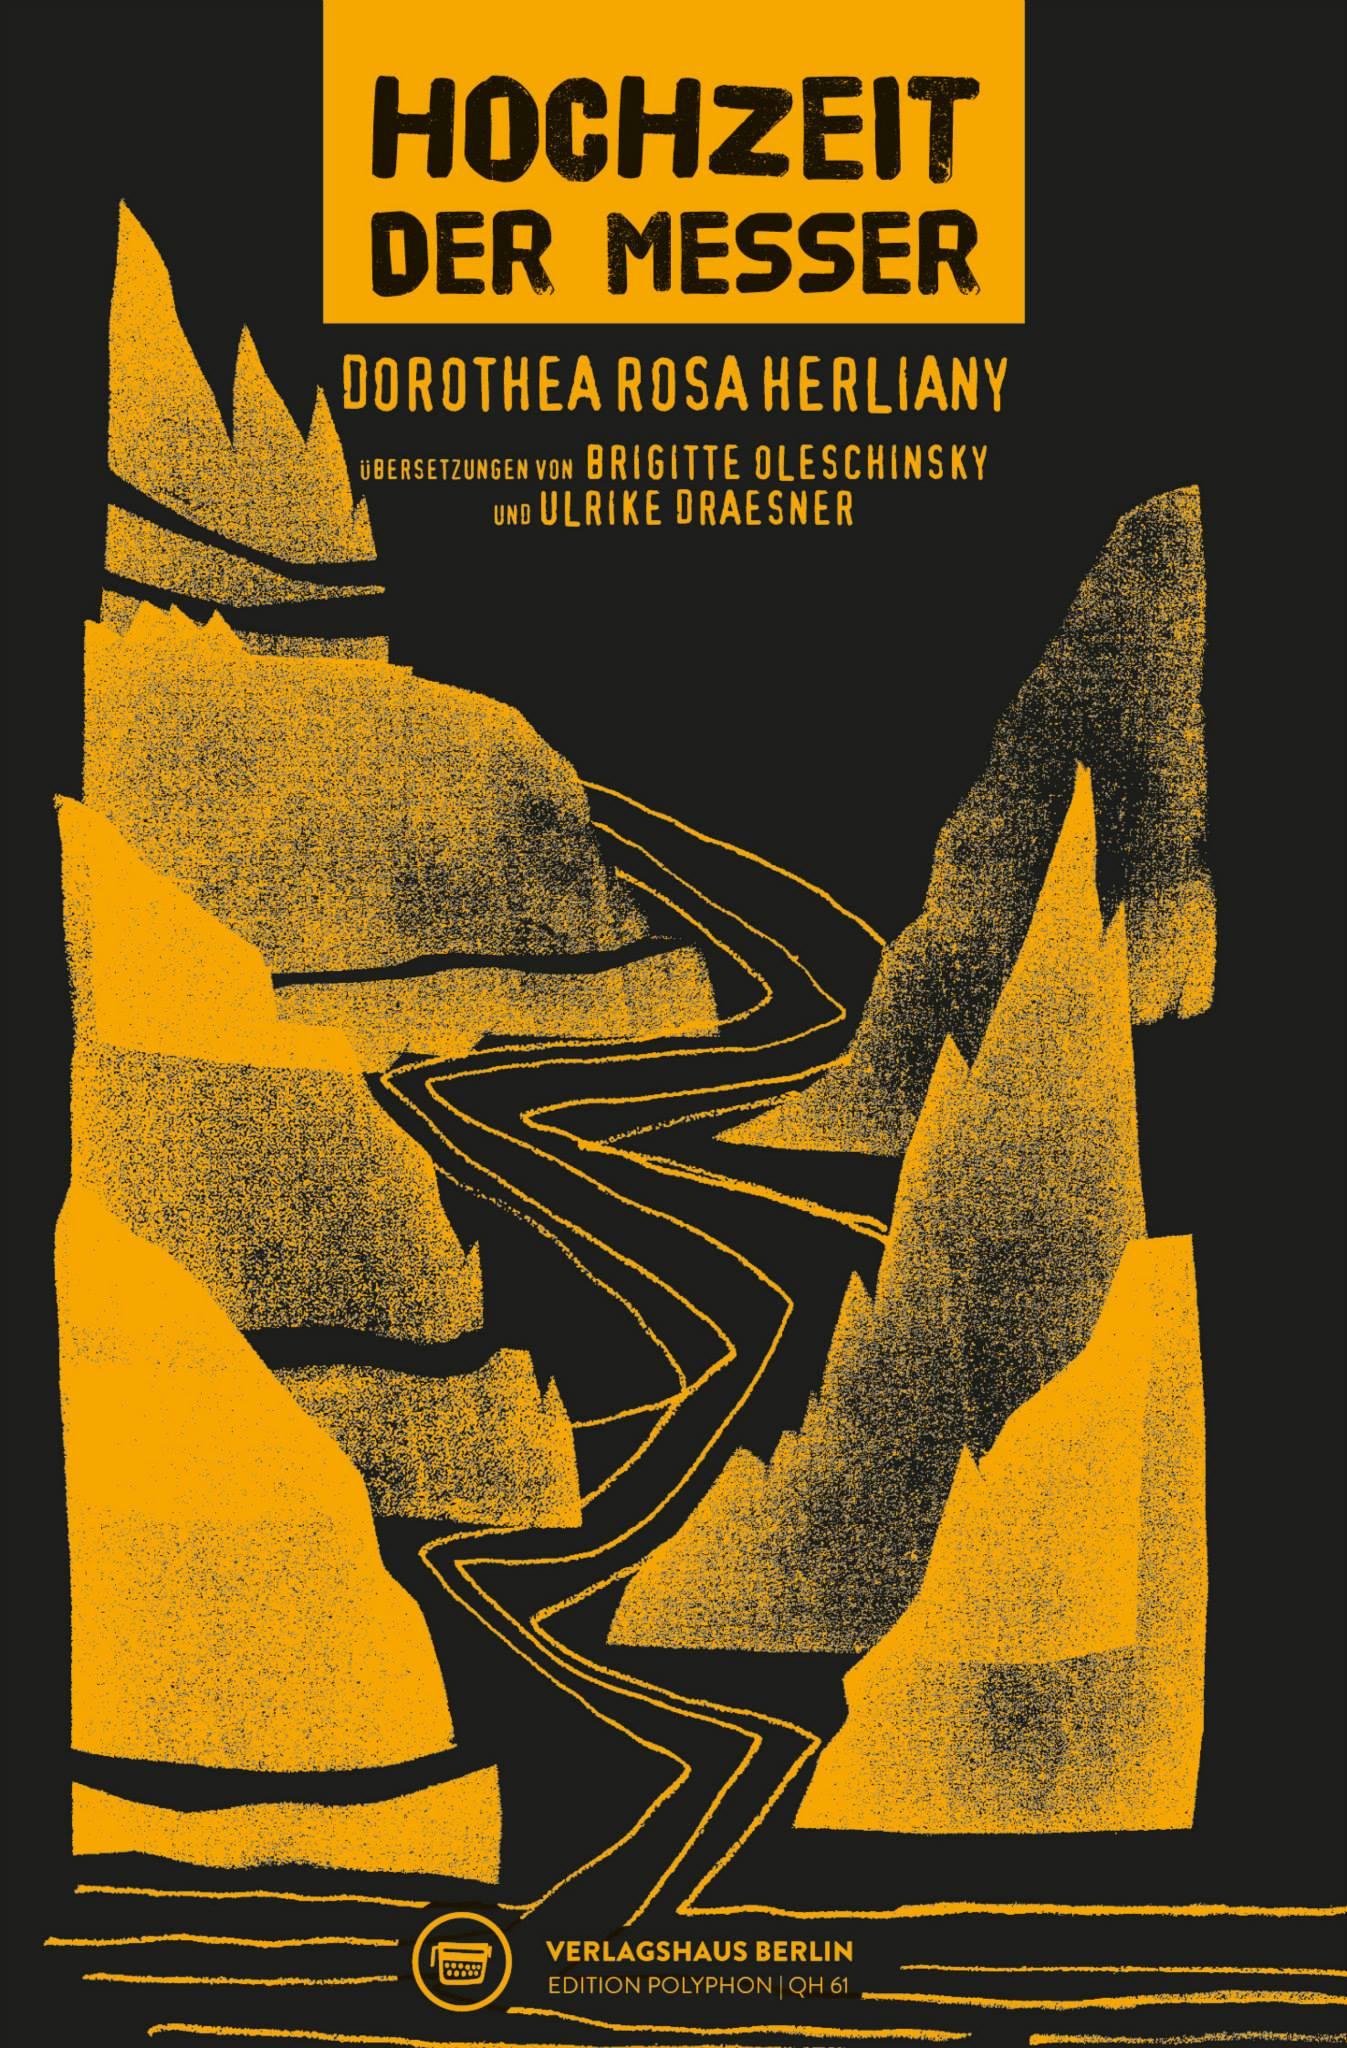 Dorothea Rosa Herliany: Hochzeit der Messer